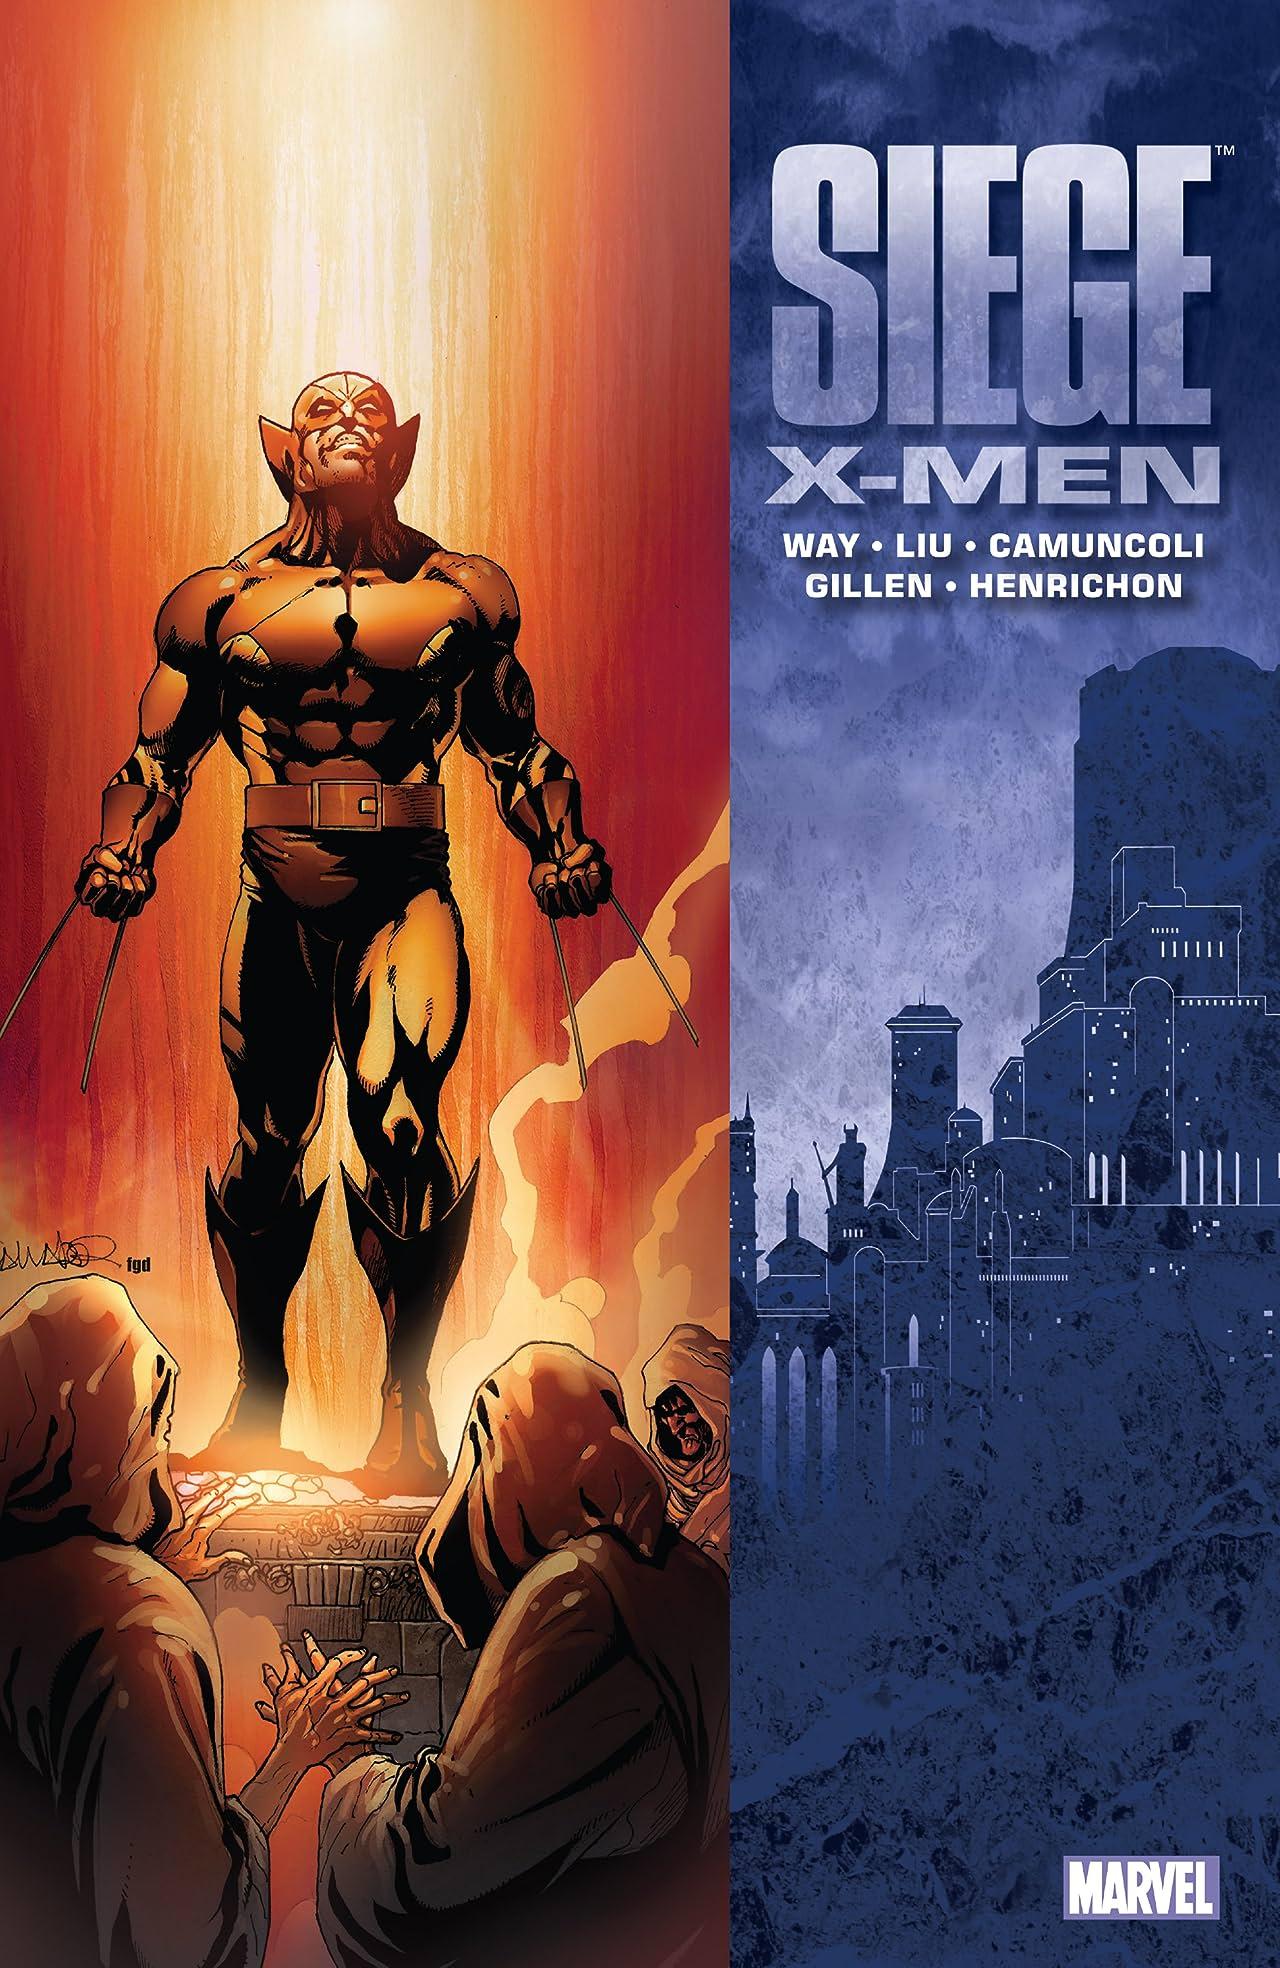 Siege: X-Men